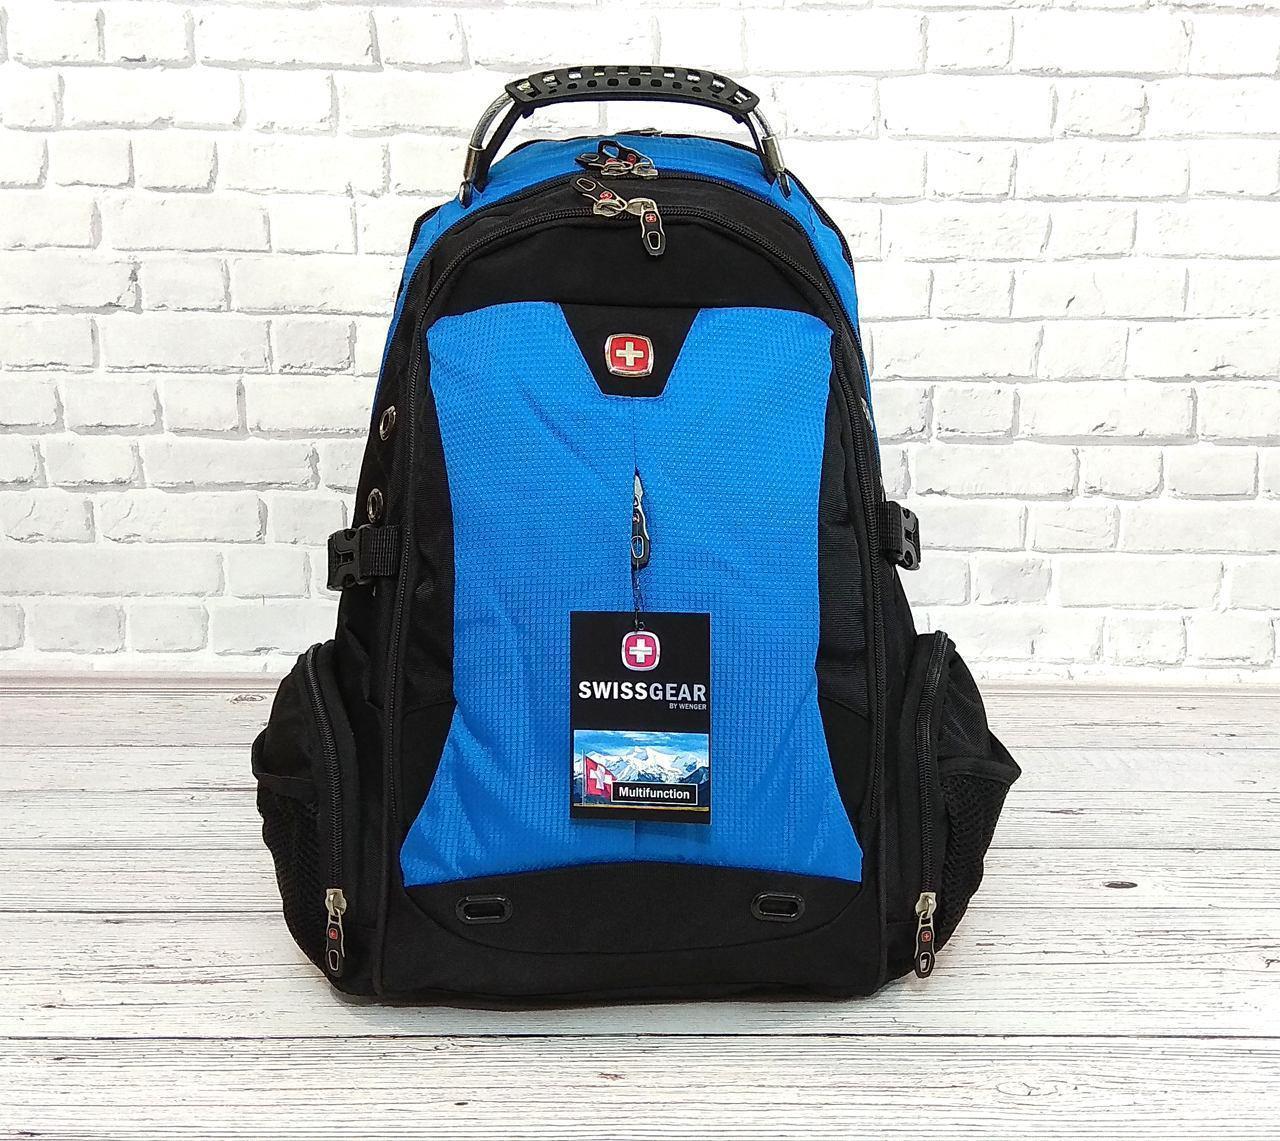 Вместительный рюкзак SwissGear Wenger свисгир Черный с синим + Дождевик 35L s1531 blue Vsem